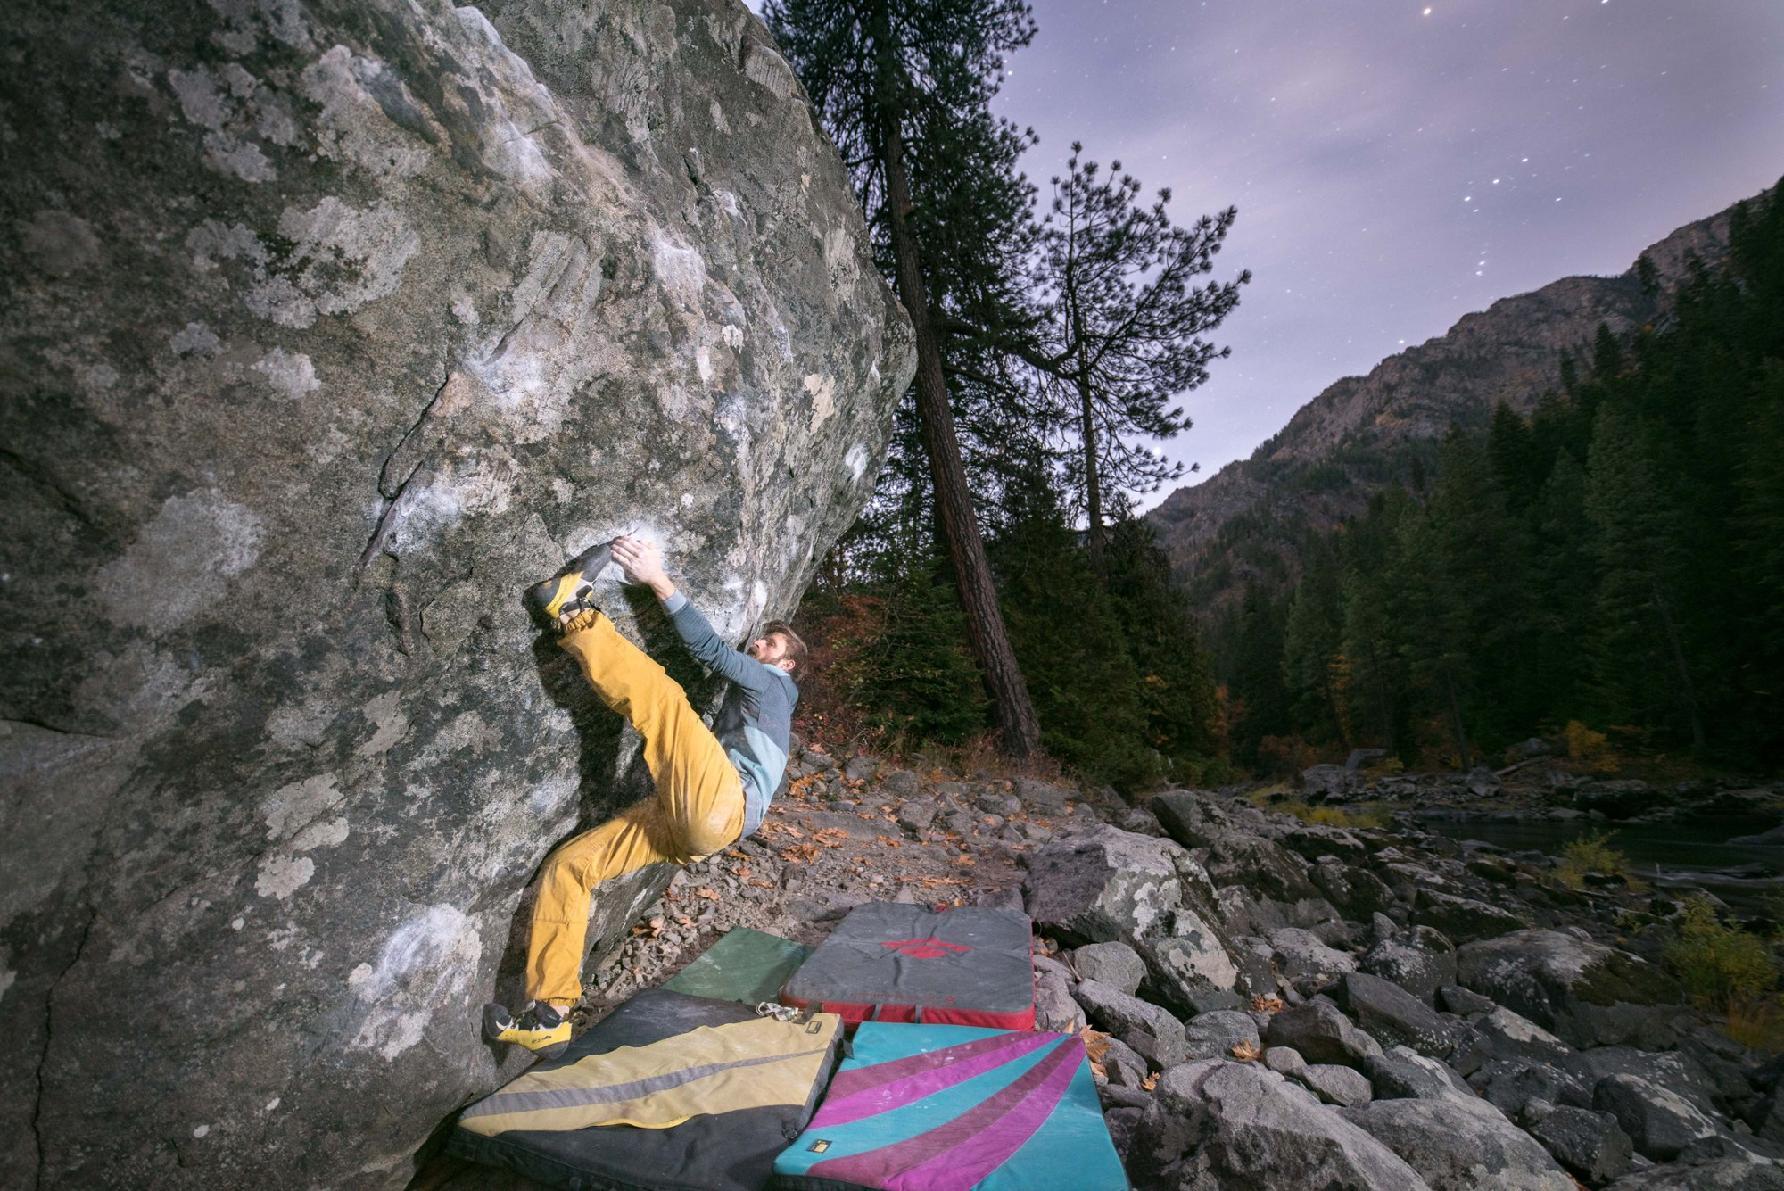 man bouldering at dusk